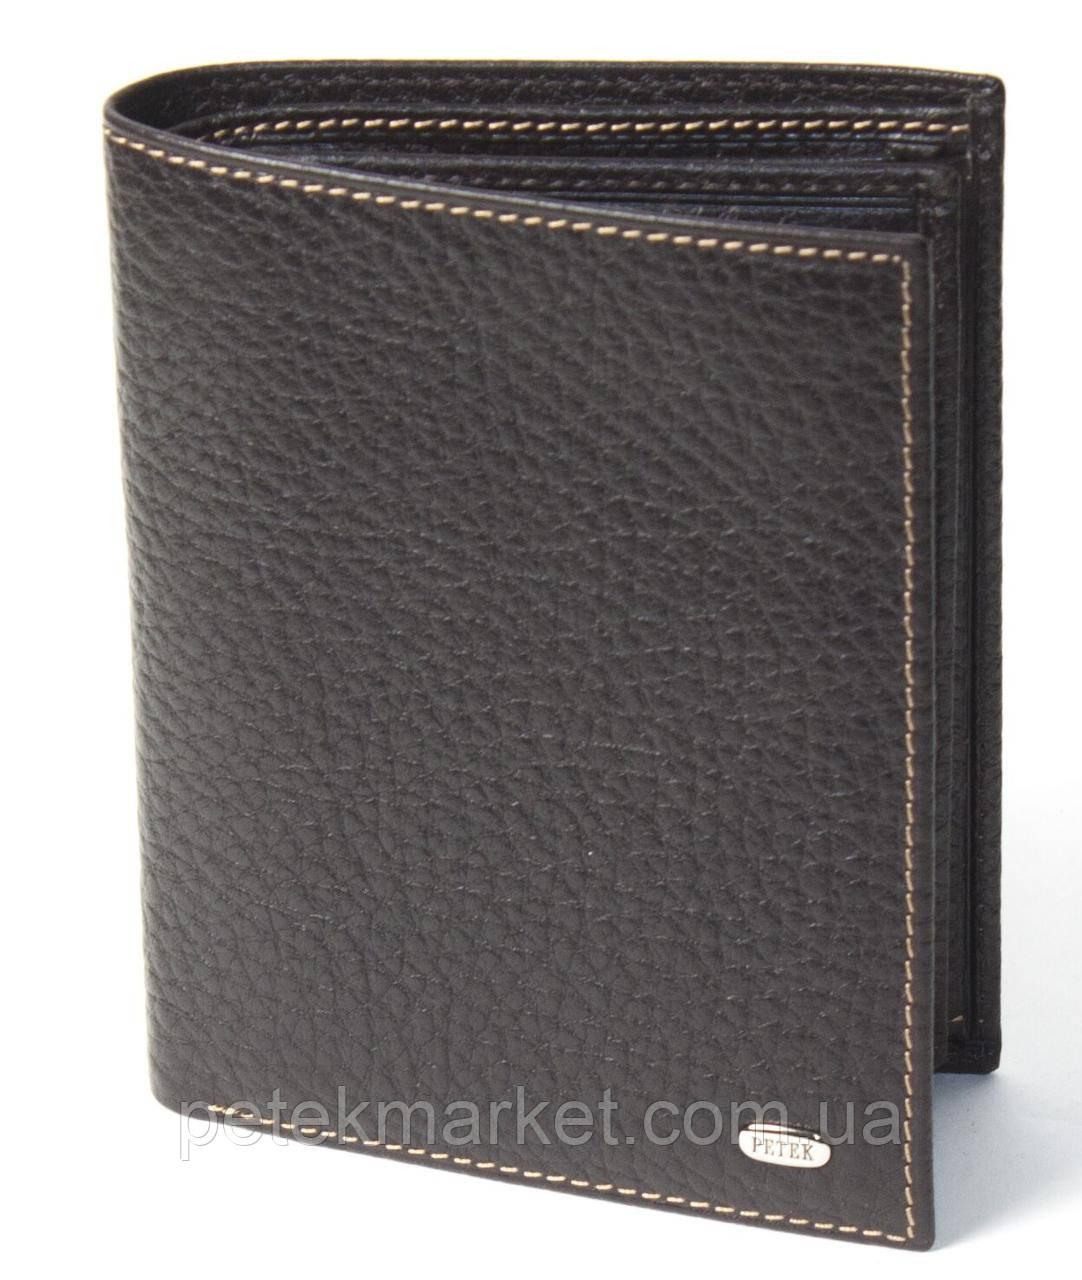 Кожаное мужское портмоне Petek 211